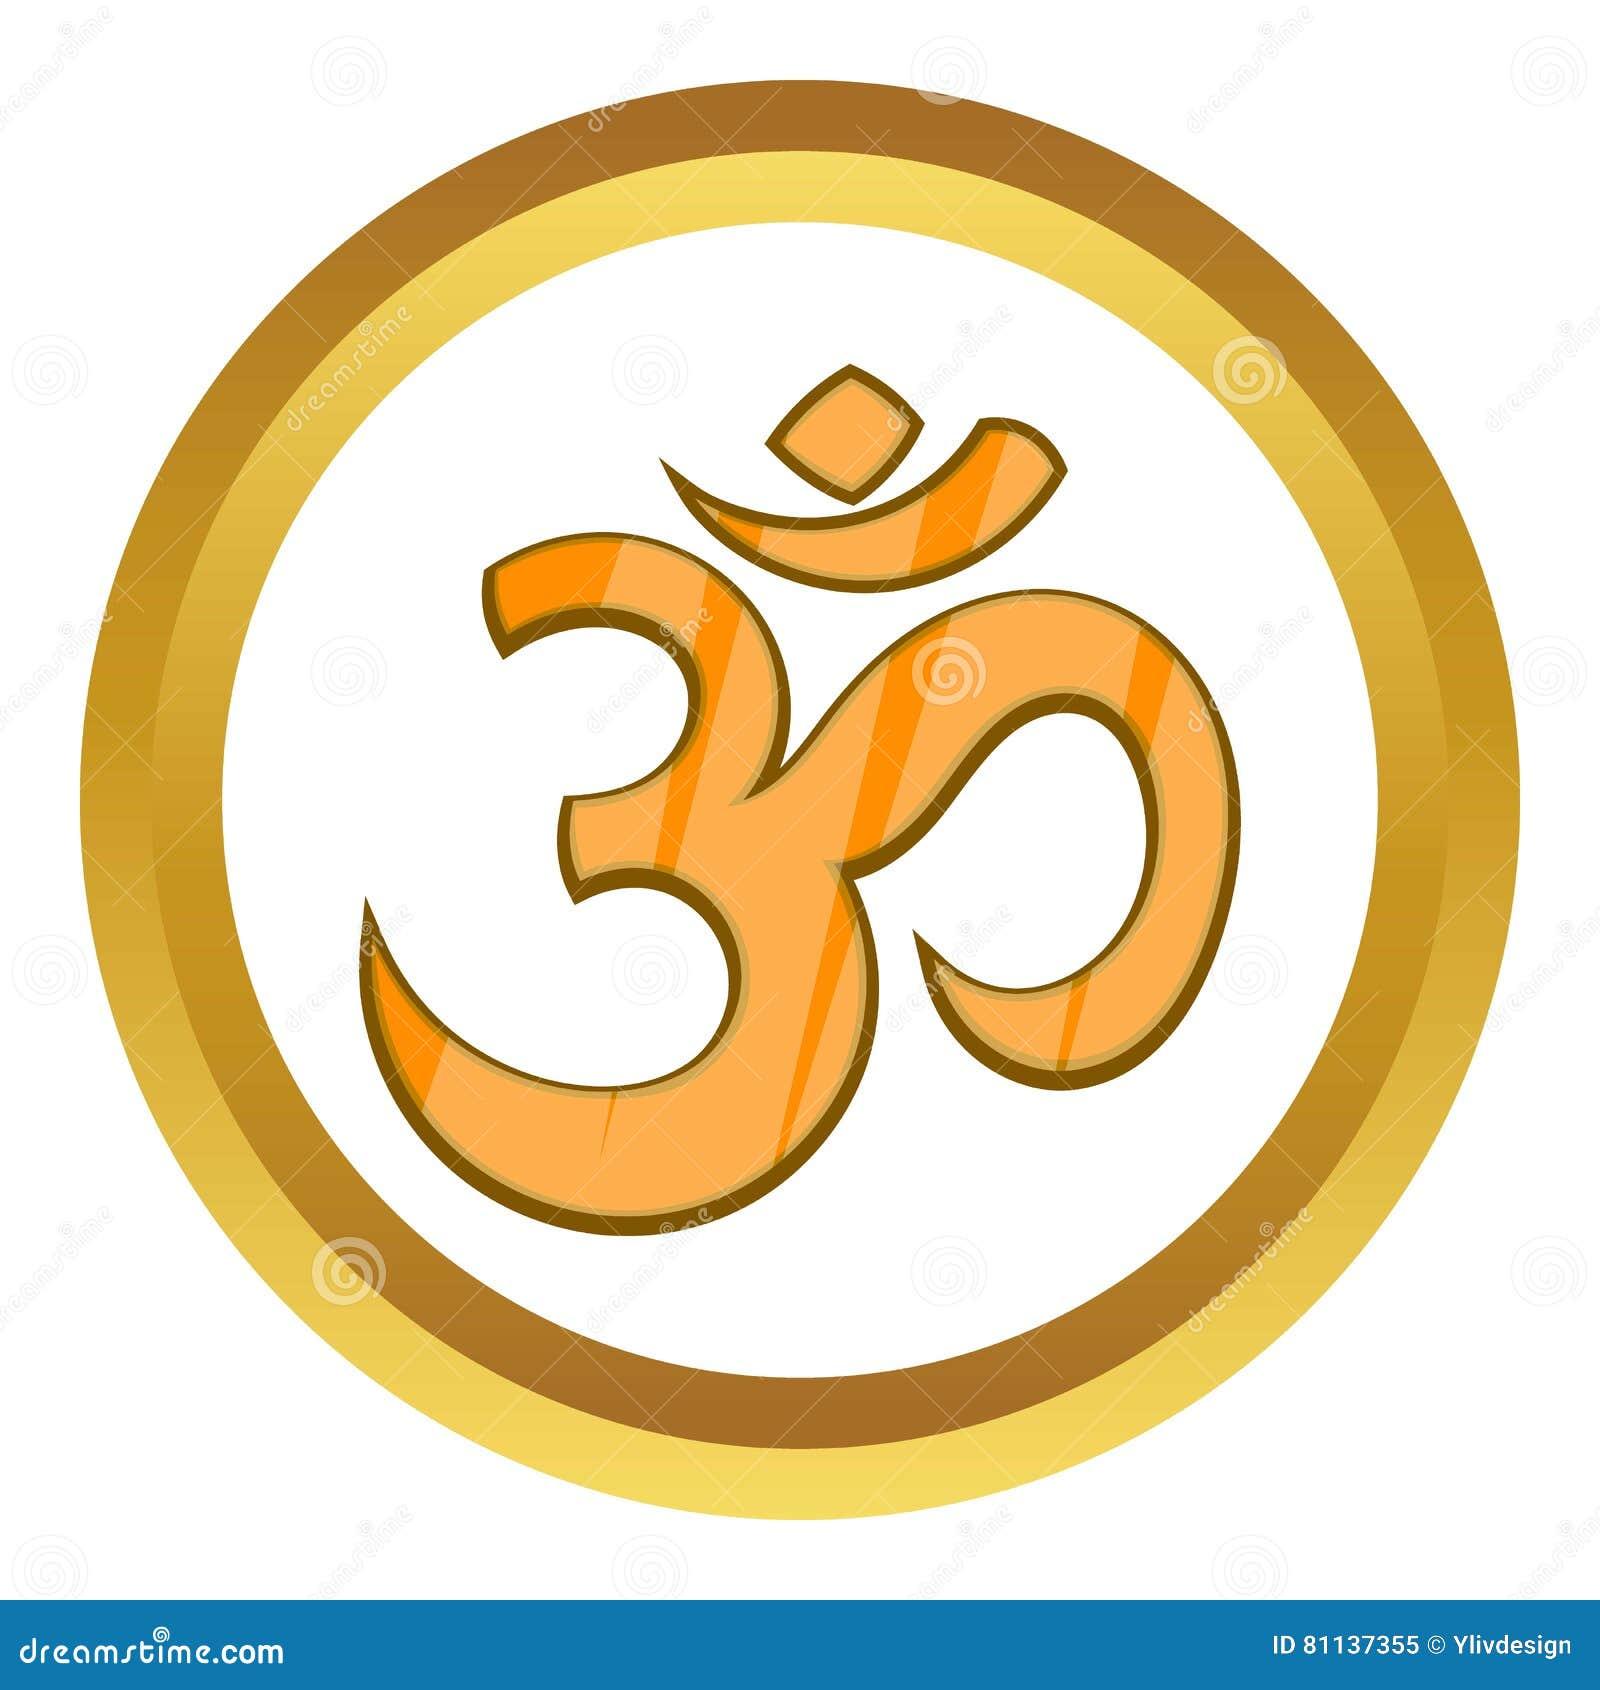 Hindu Om Symbol Vector Icon Stock Vector Illustration